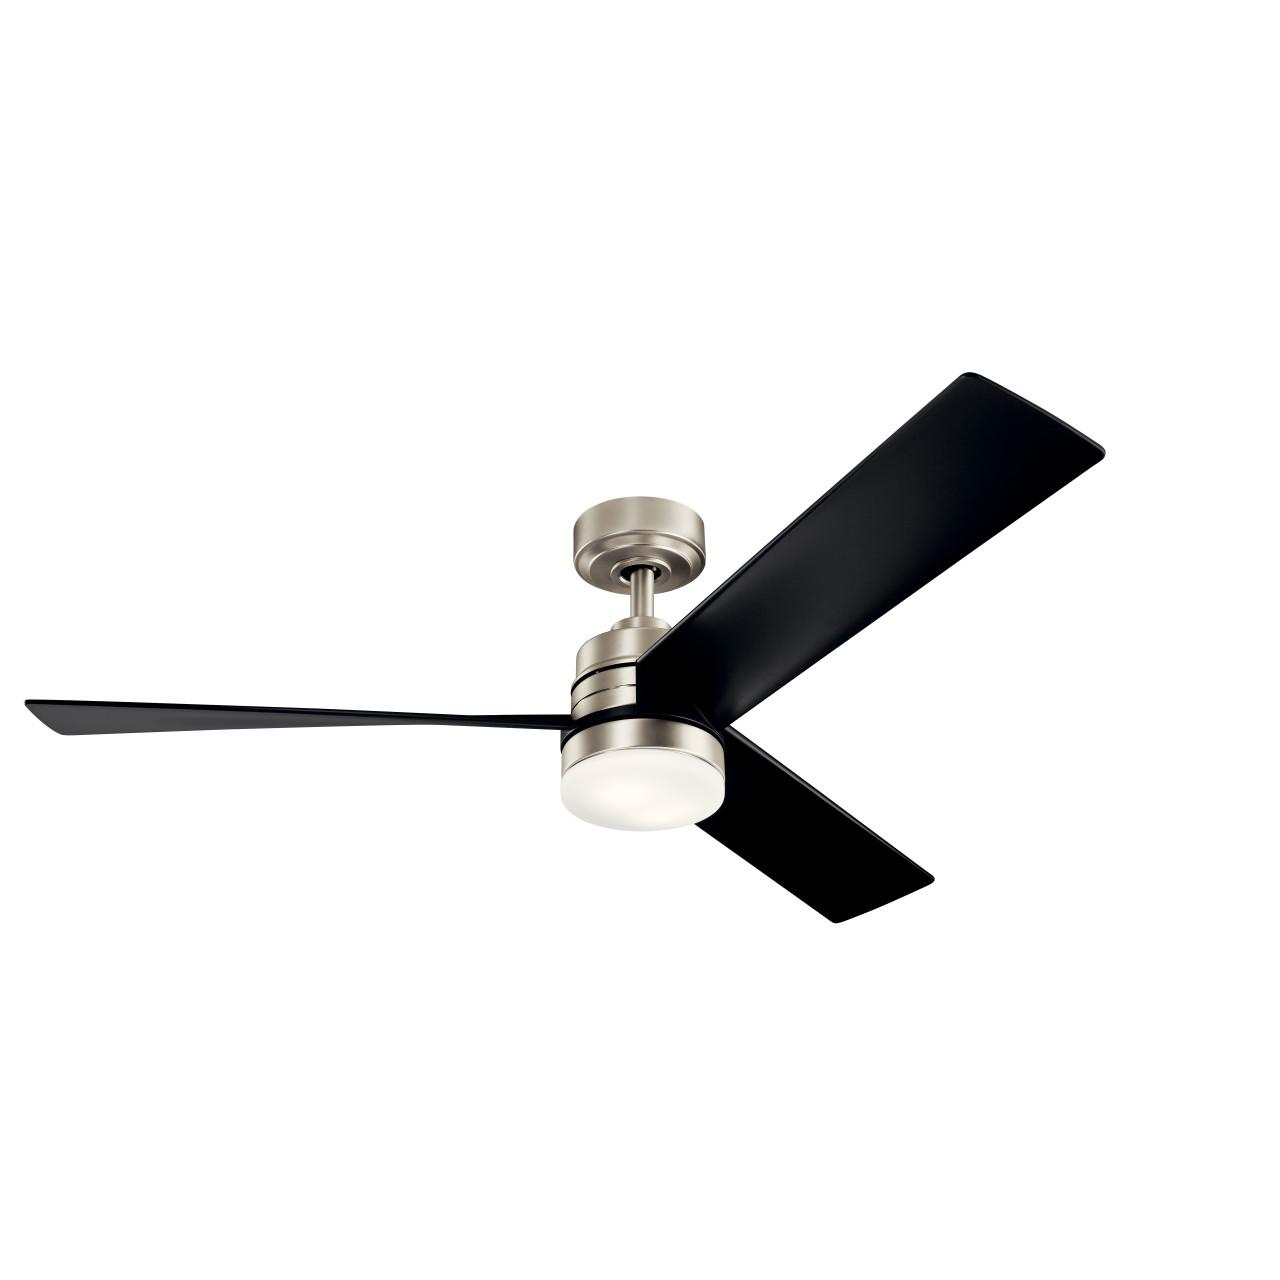 spyn 52 17w dimmable led ceiling fan by kichler